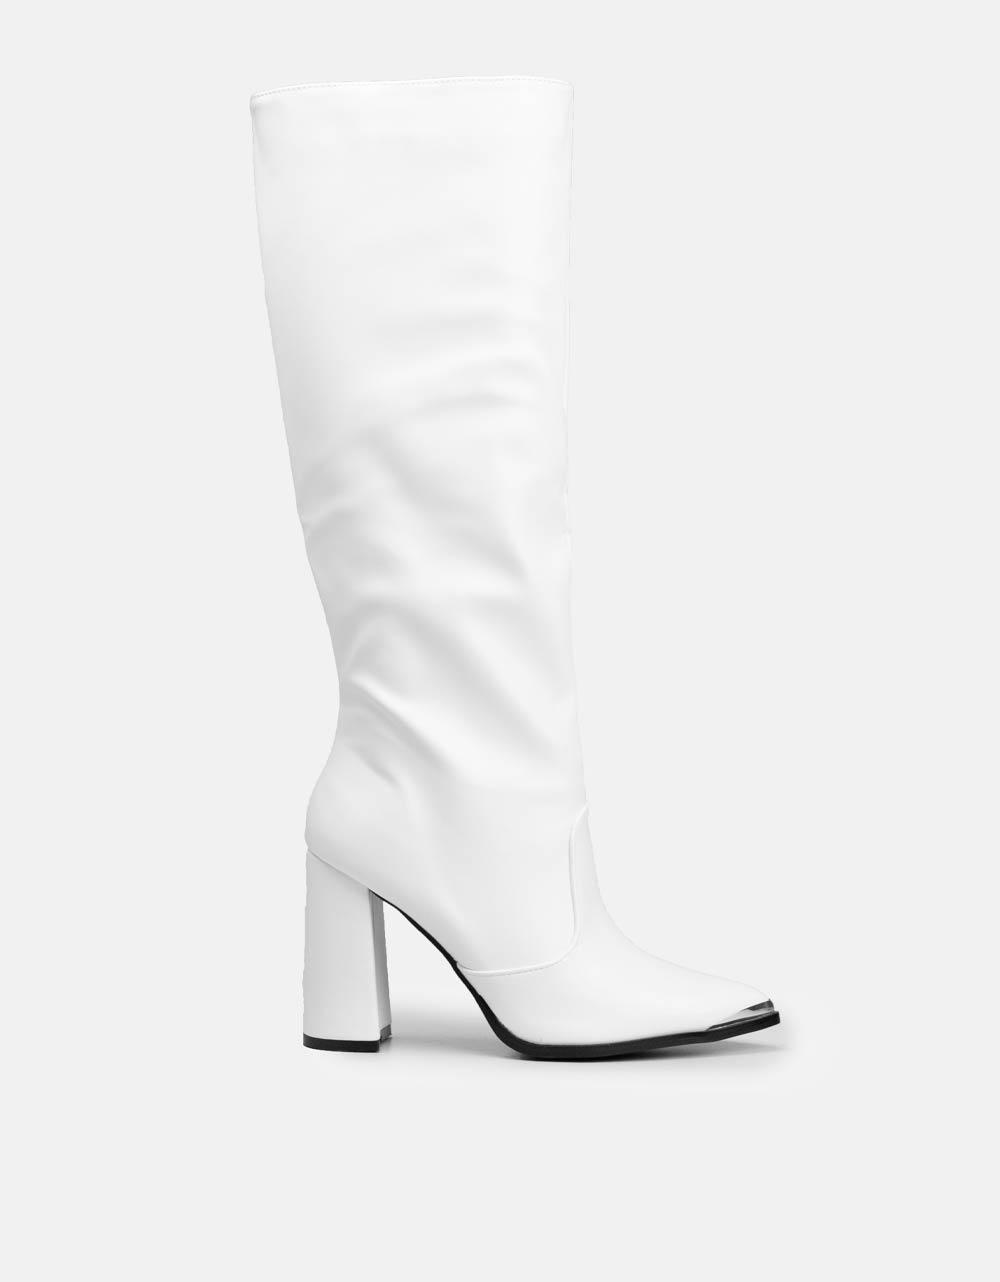 Εικόνα από Γυναικείες μπότες μονόχρωμες σε απλή γραμμή Λευκό